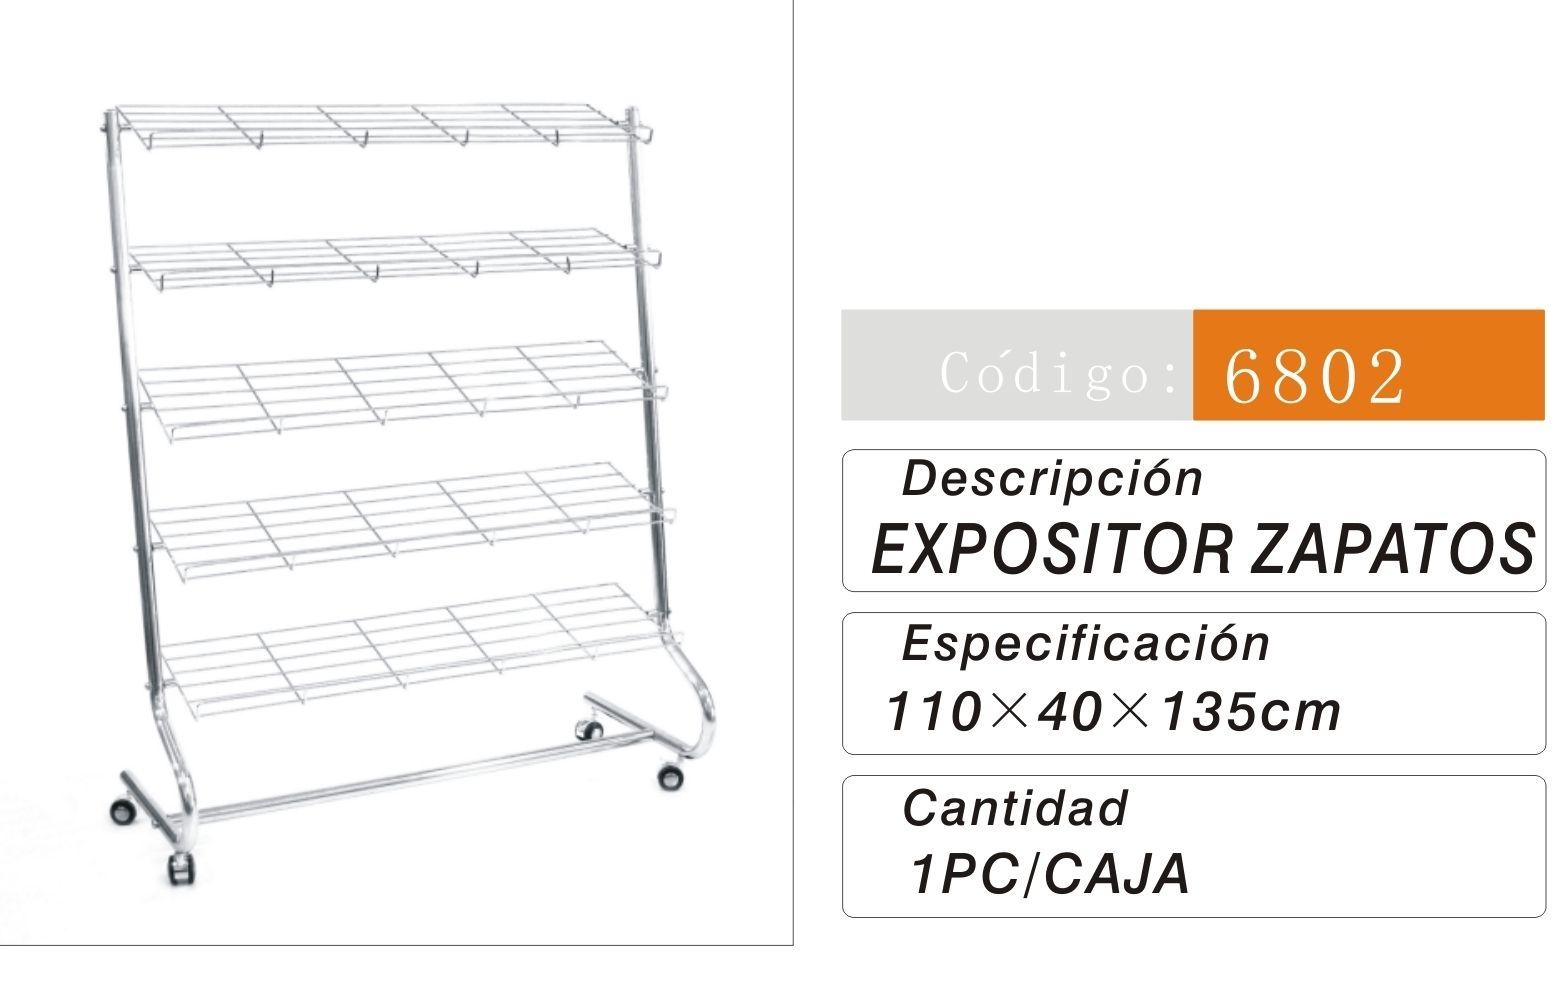 Estanterías y expositores Metalicos : 6802/038028 EXPOSITOR CALZADO 110*40*135